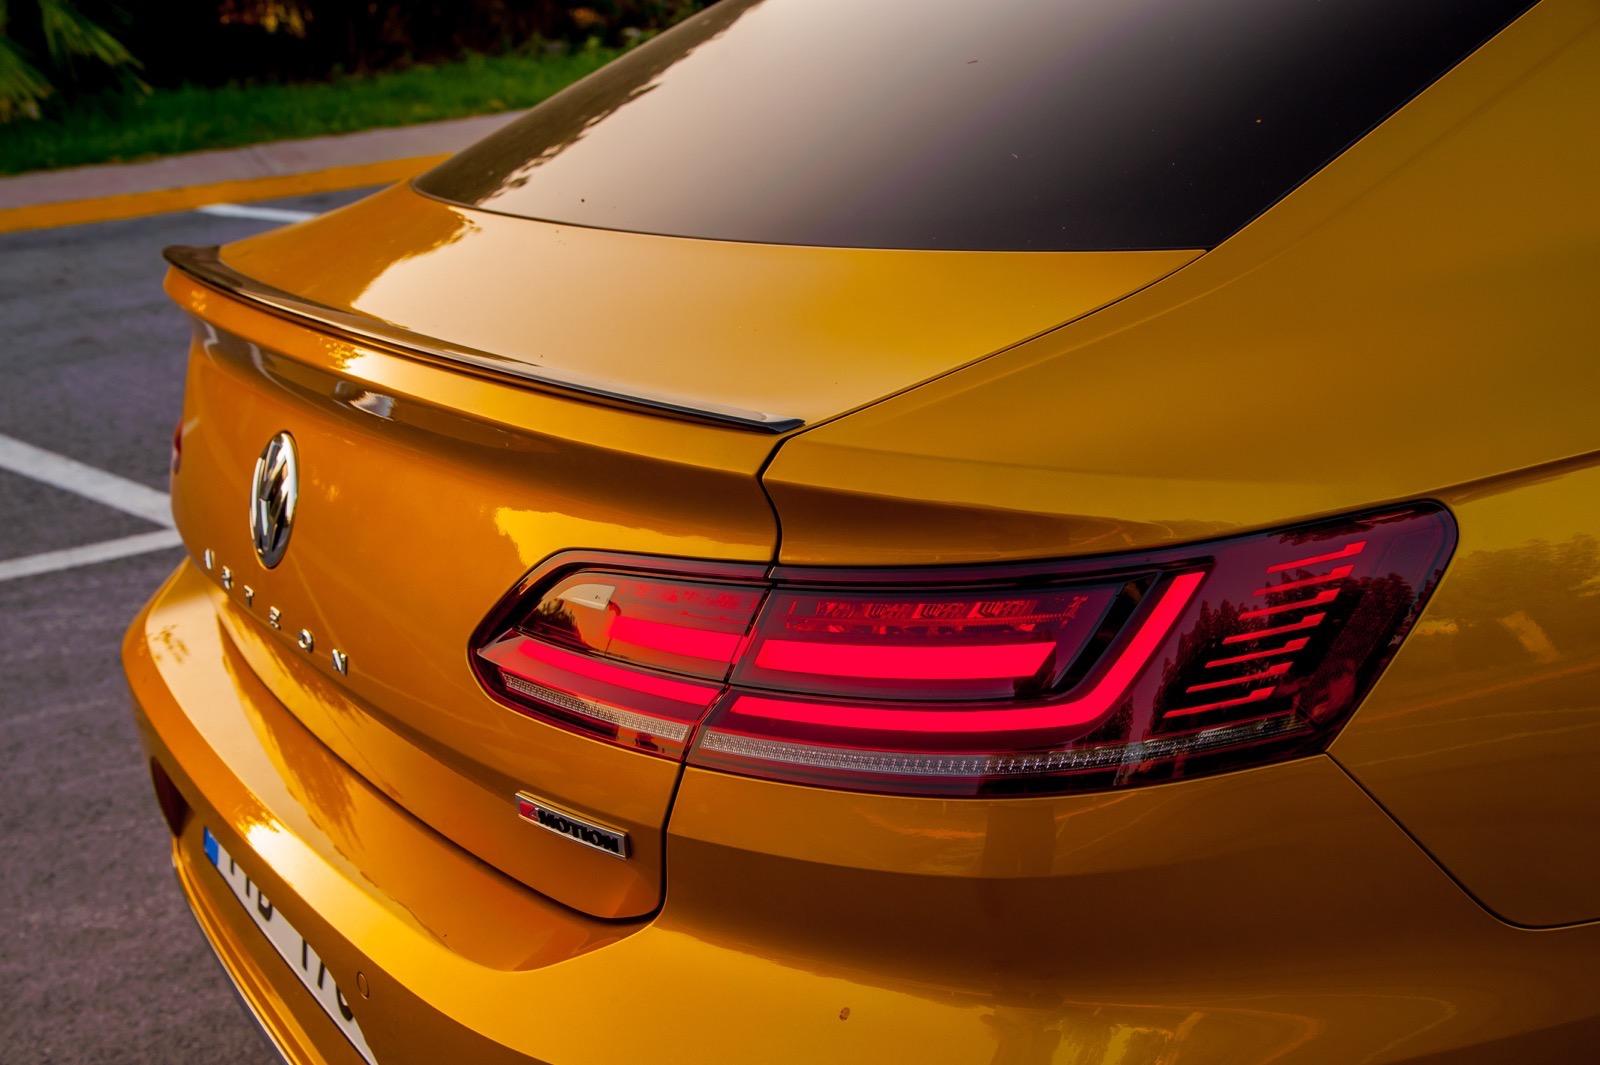 Volkswagen_Arteon_Greek_Presentataion_62